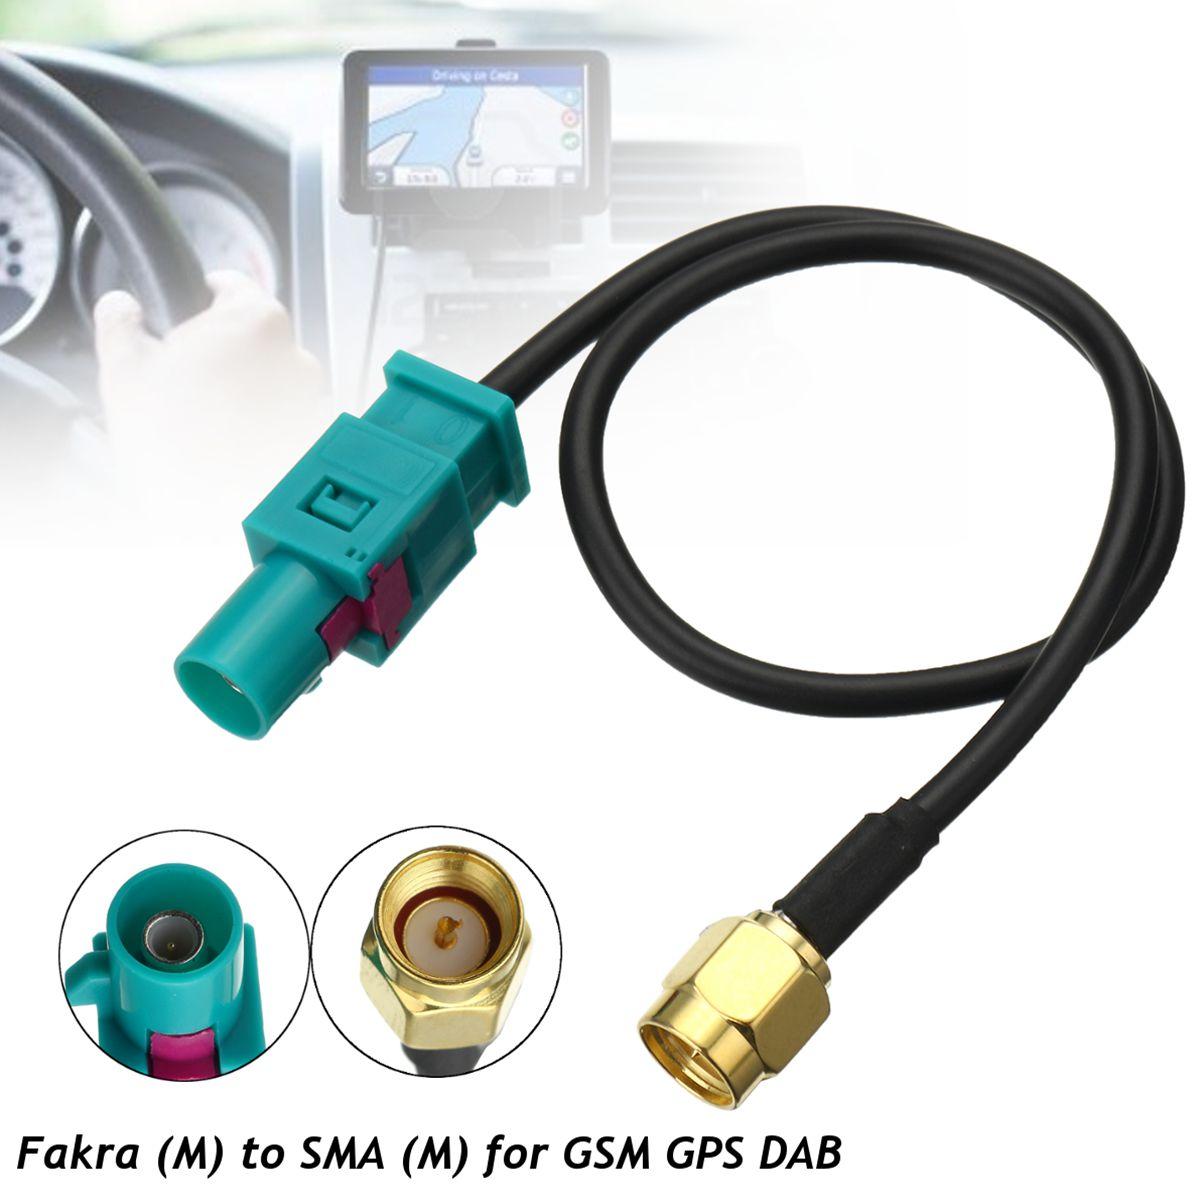 Adaptador de antena para coche, 1 unidad, Cable de enchufe Fakra Z (macho) a SMA (macho) para GSM DAB GPS Universal 24,9 cm completamente nuevo 30012214